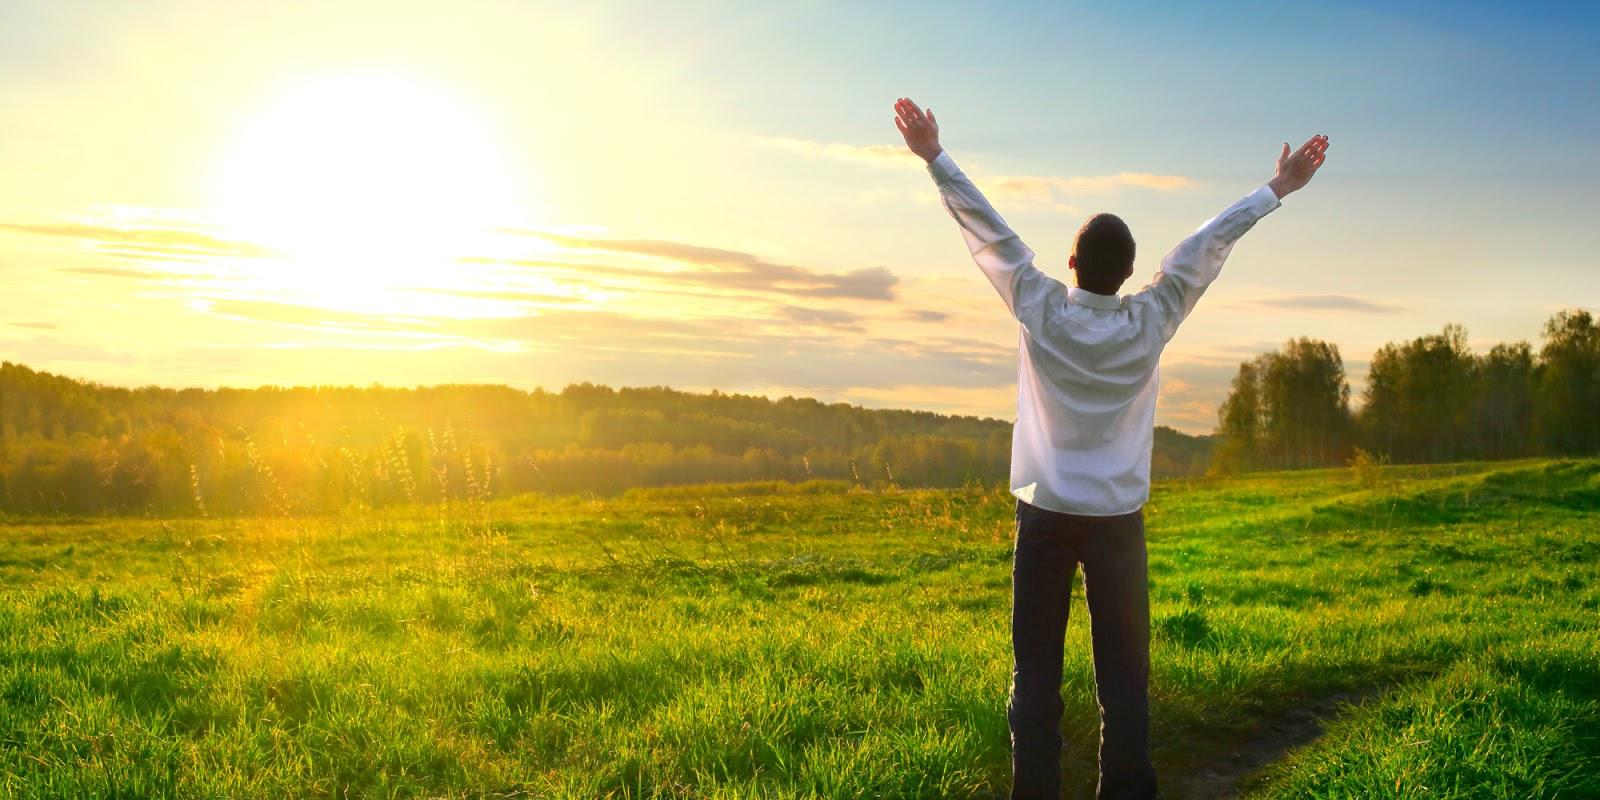 Kunci Sukses dengan Memahami Arti Penting Sebuah Rahasia Kehidupan